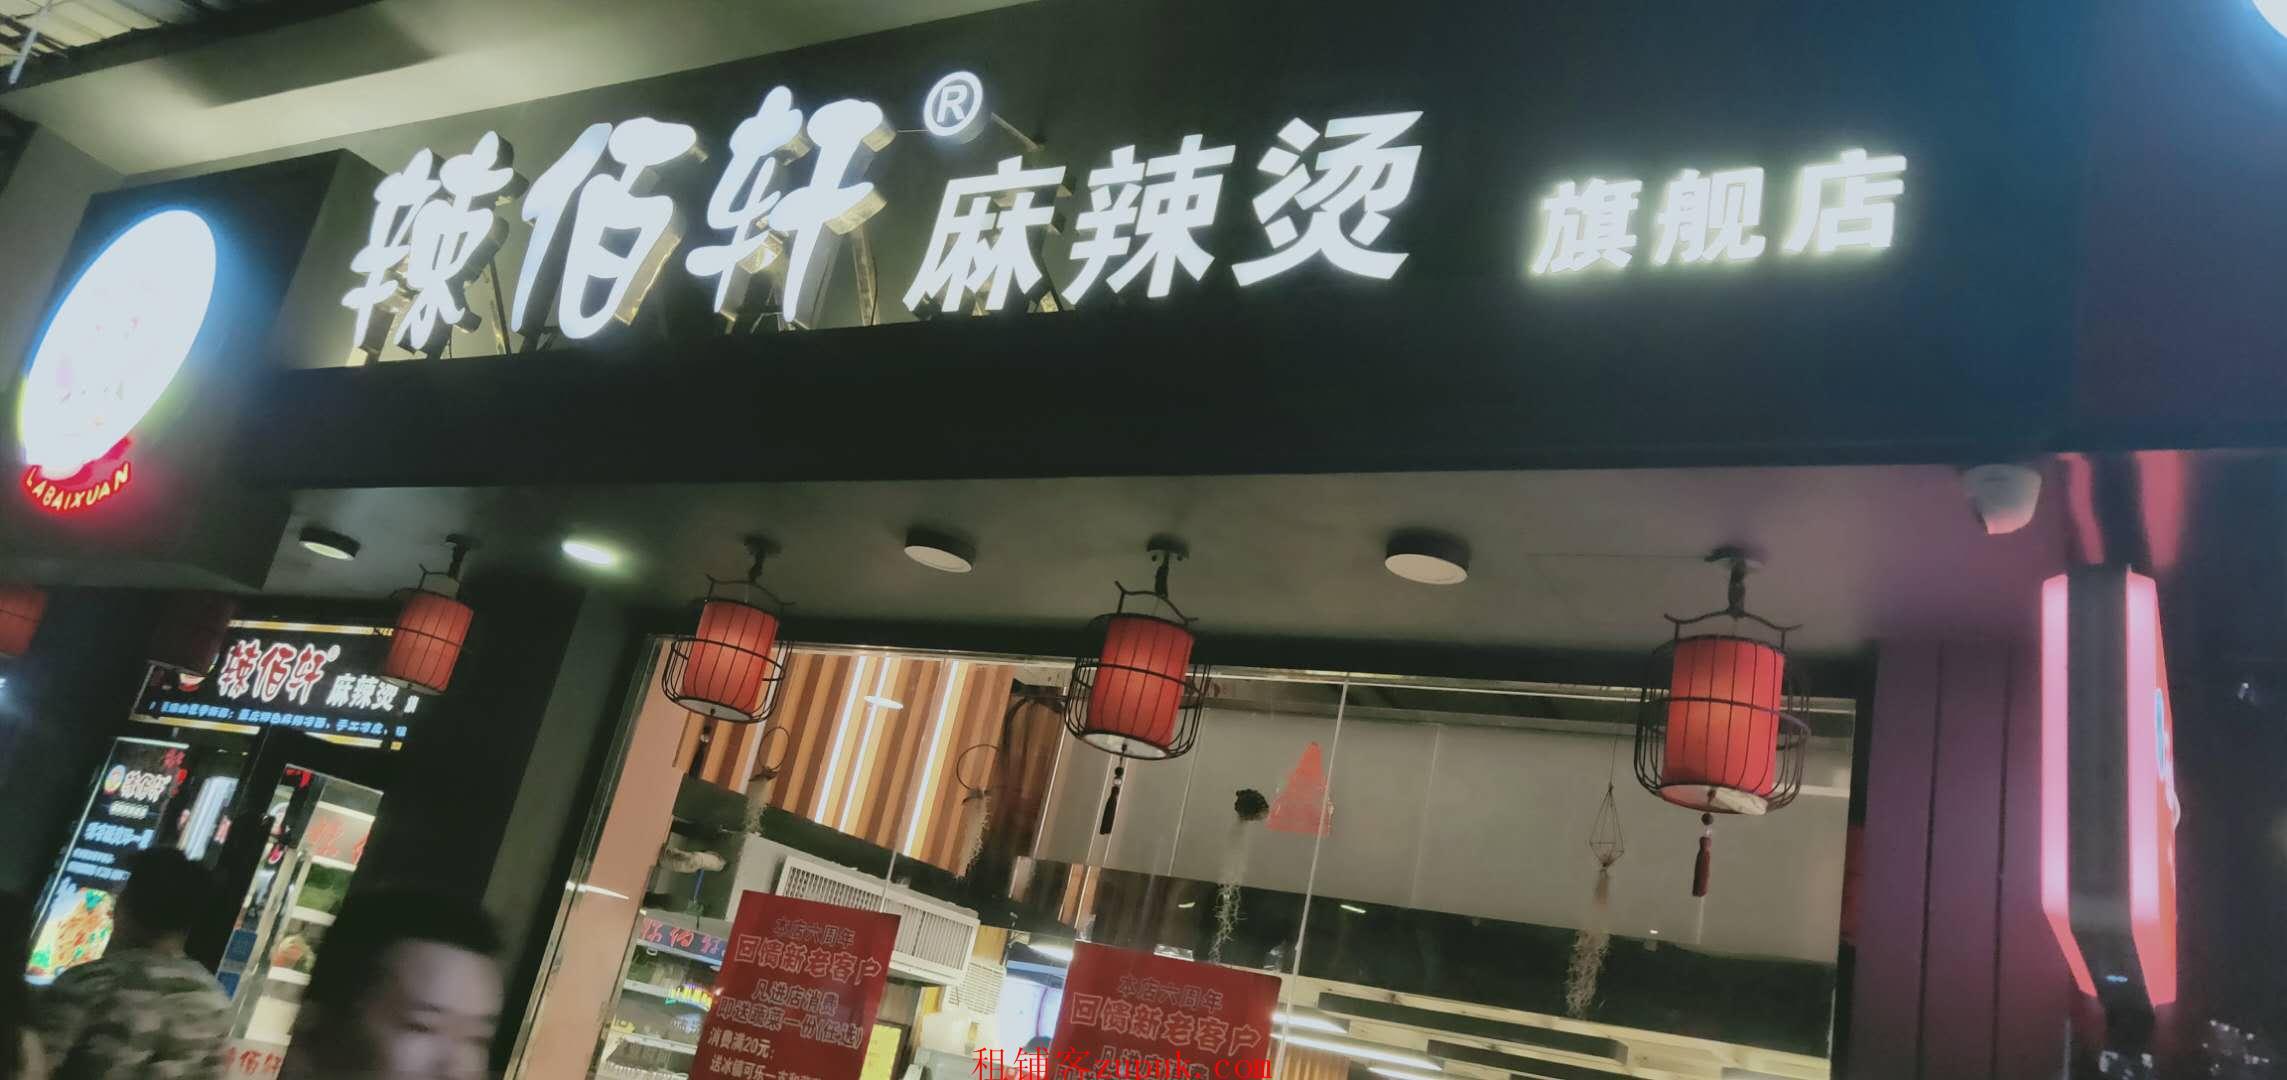 赤岗近地铁站,街1楼人超多,可各种小吃餐饭麻辣烫炸鸡生意好做